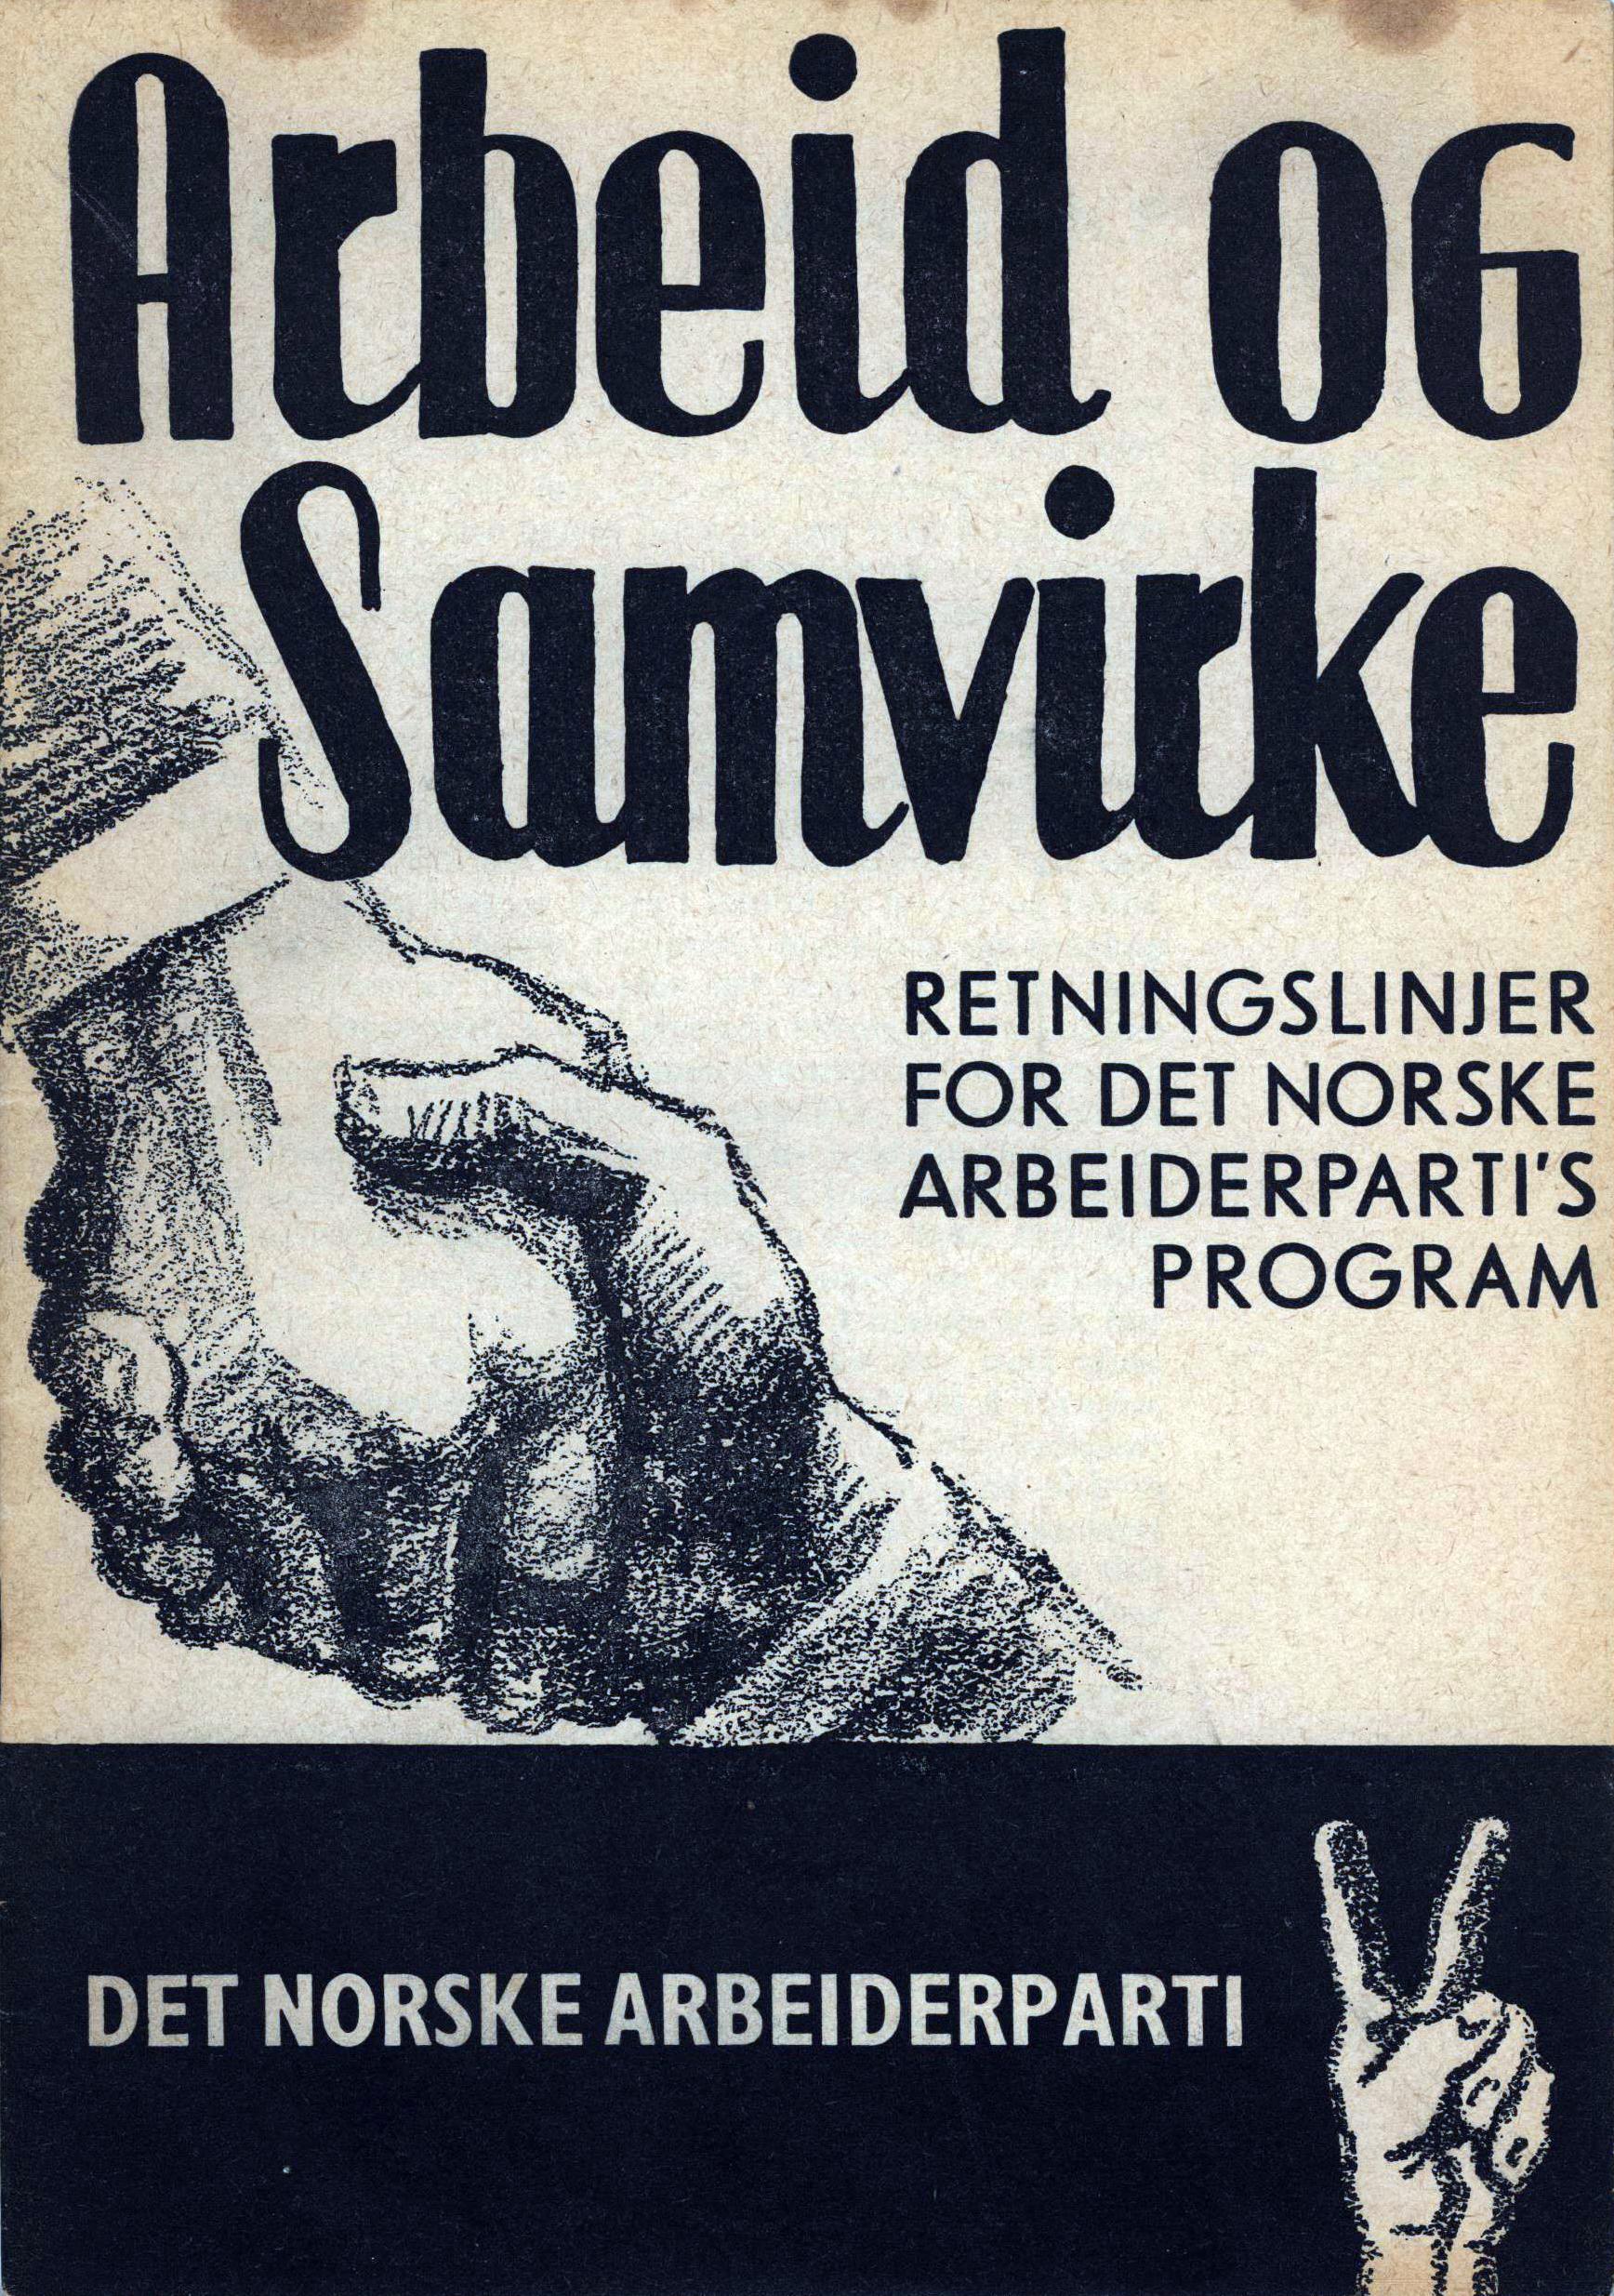 Arbeid og samvirke - Retningslinjer for Det norske Arbeiderpartis program